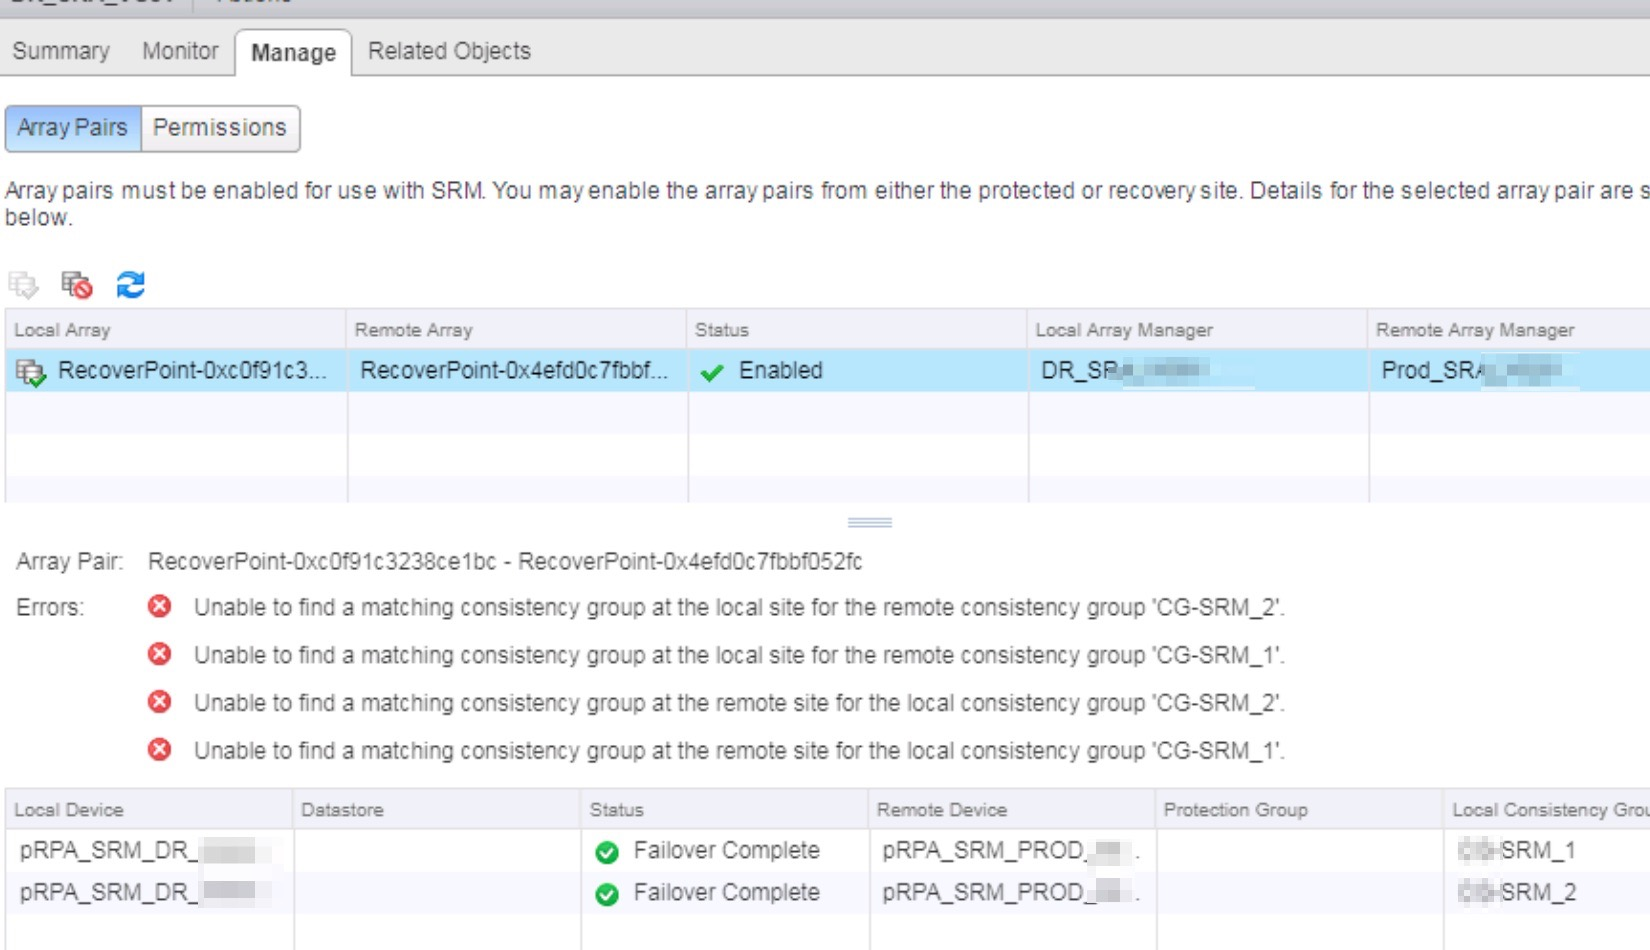 SRM 6 1 # - Problem adding ABR datastore after deleting PG